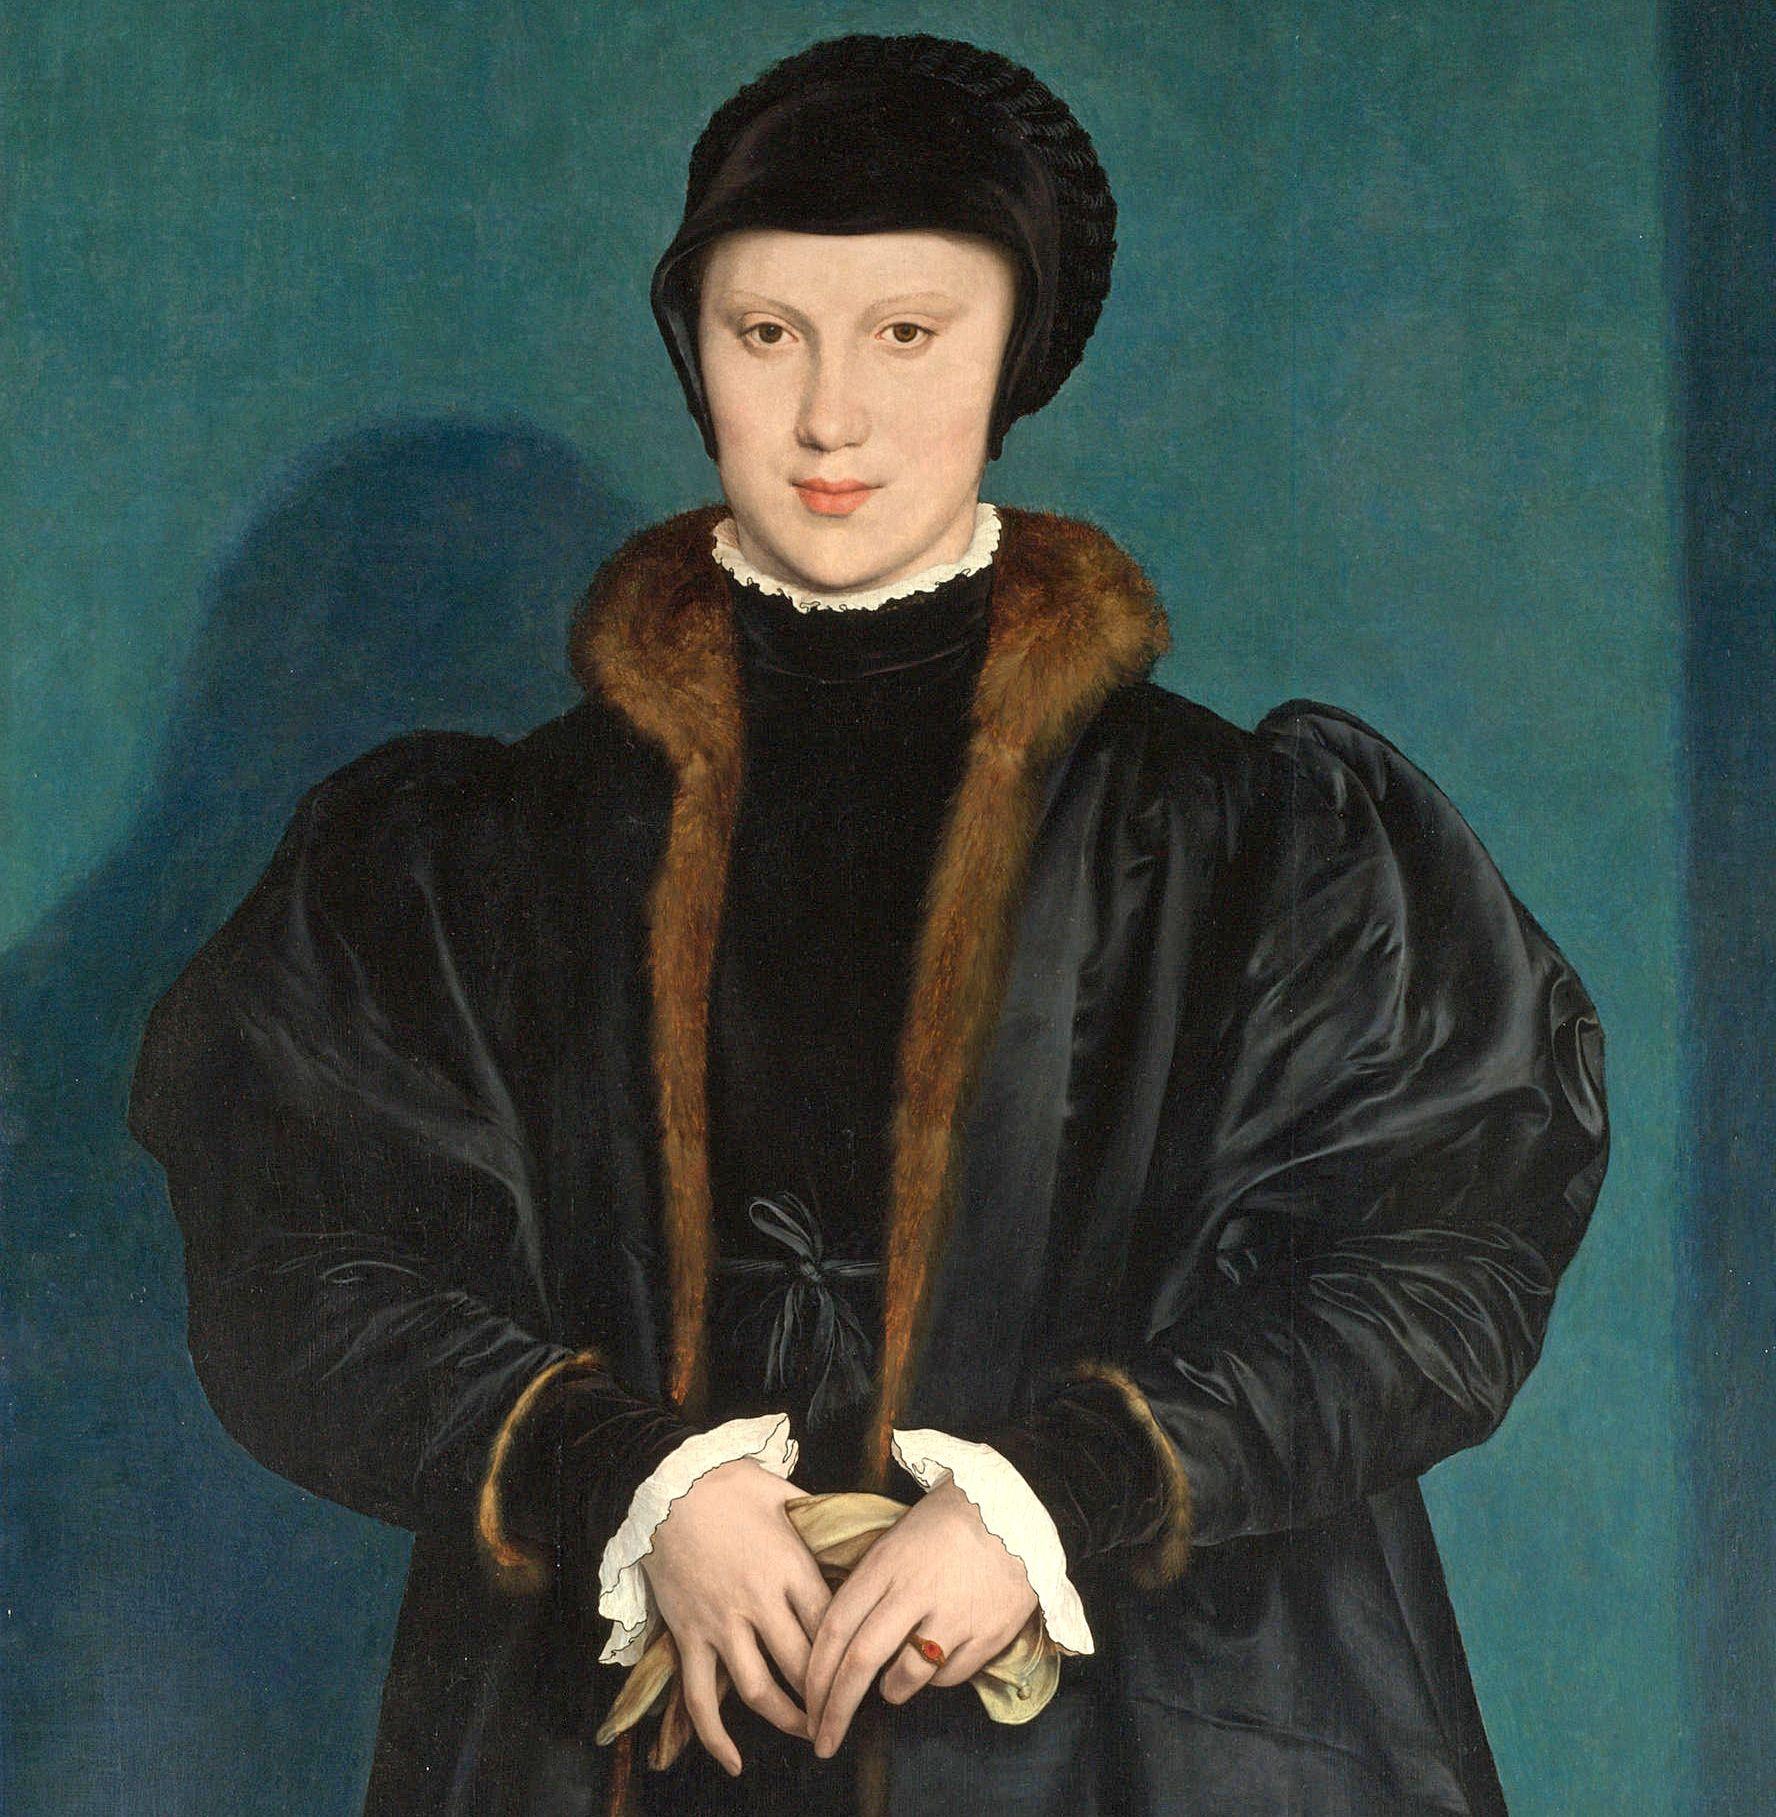 Gdy Henryk VIII zobaczył tę podobiznę księżnej Mediolanu, z miejsca się w niej zakochał. Jednak ani ona, ani jej rodzina, nie mieli ochoty na angielski mariaż. Kilka lat później dziewczyna została księżną Lotaryngii. Krystyna mediolańska, z domu księżniczka duńska, na obrazie Hansa Holbeina z 1538 roku (źródło: domena publiczna).